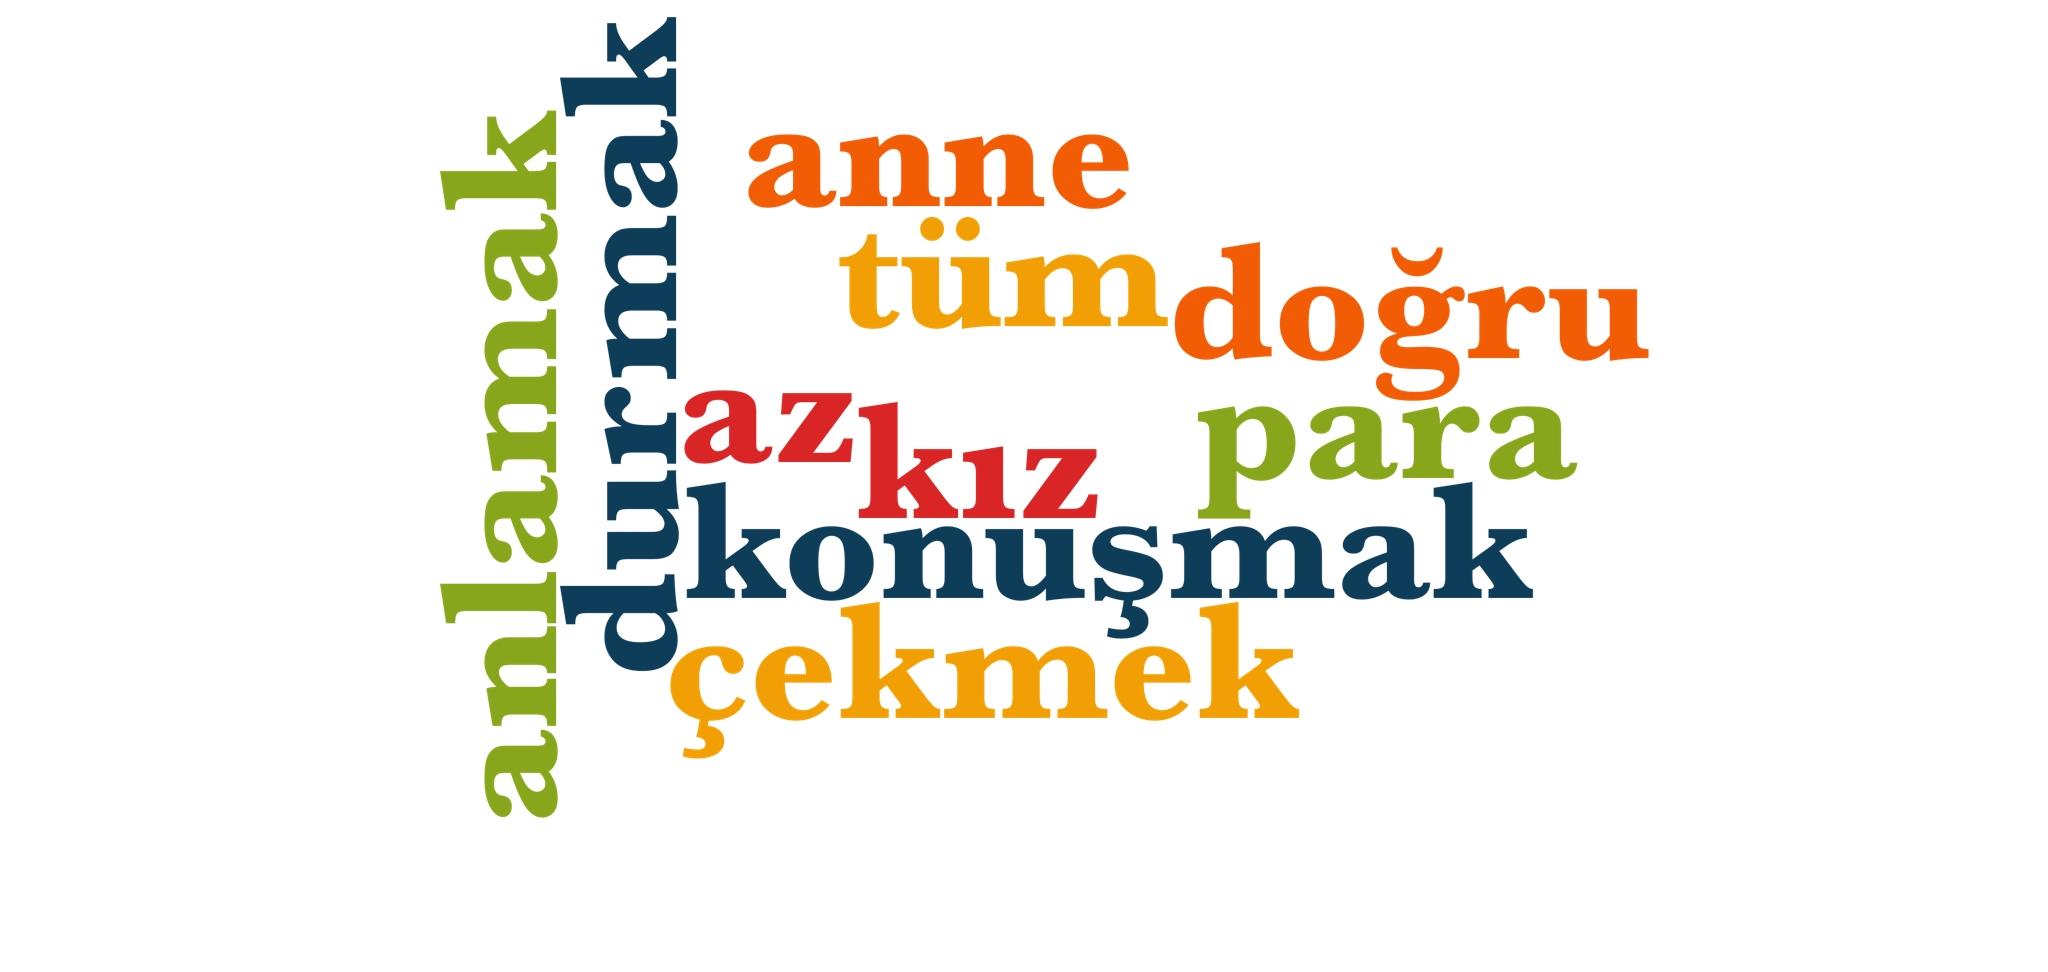 Wörter 121 bis 130 der 1000 häufigsten Wörter der türkischen Sprache